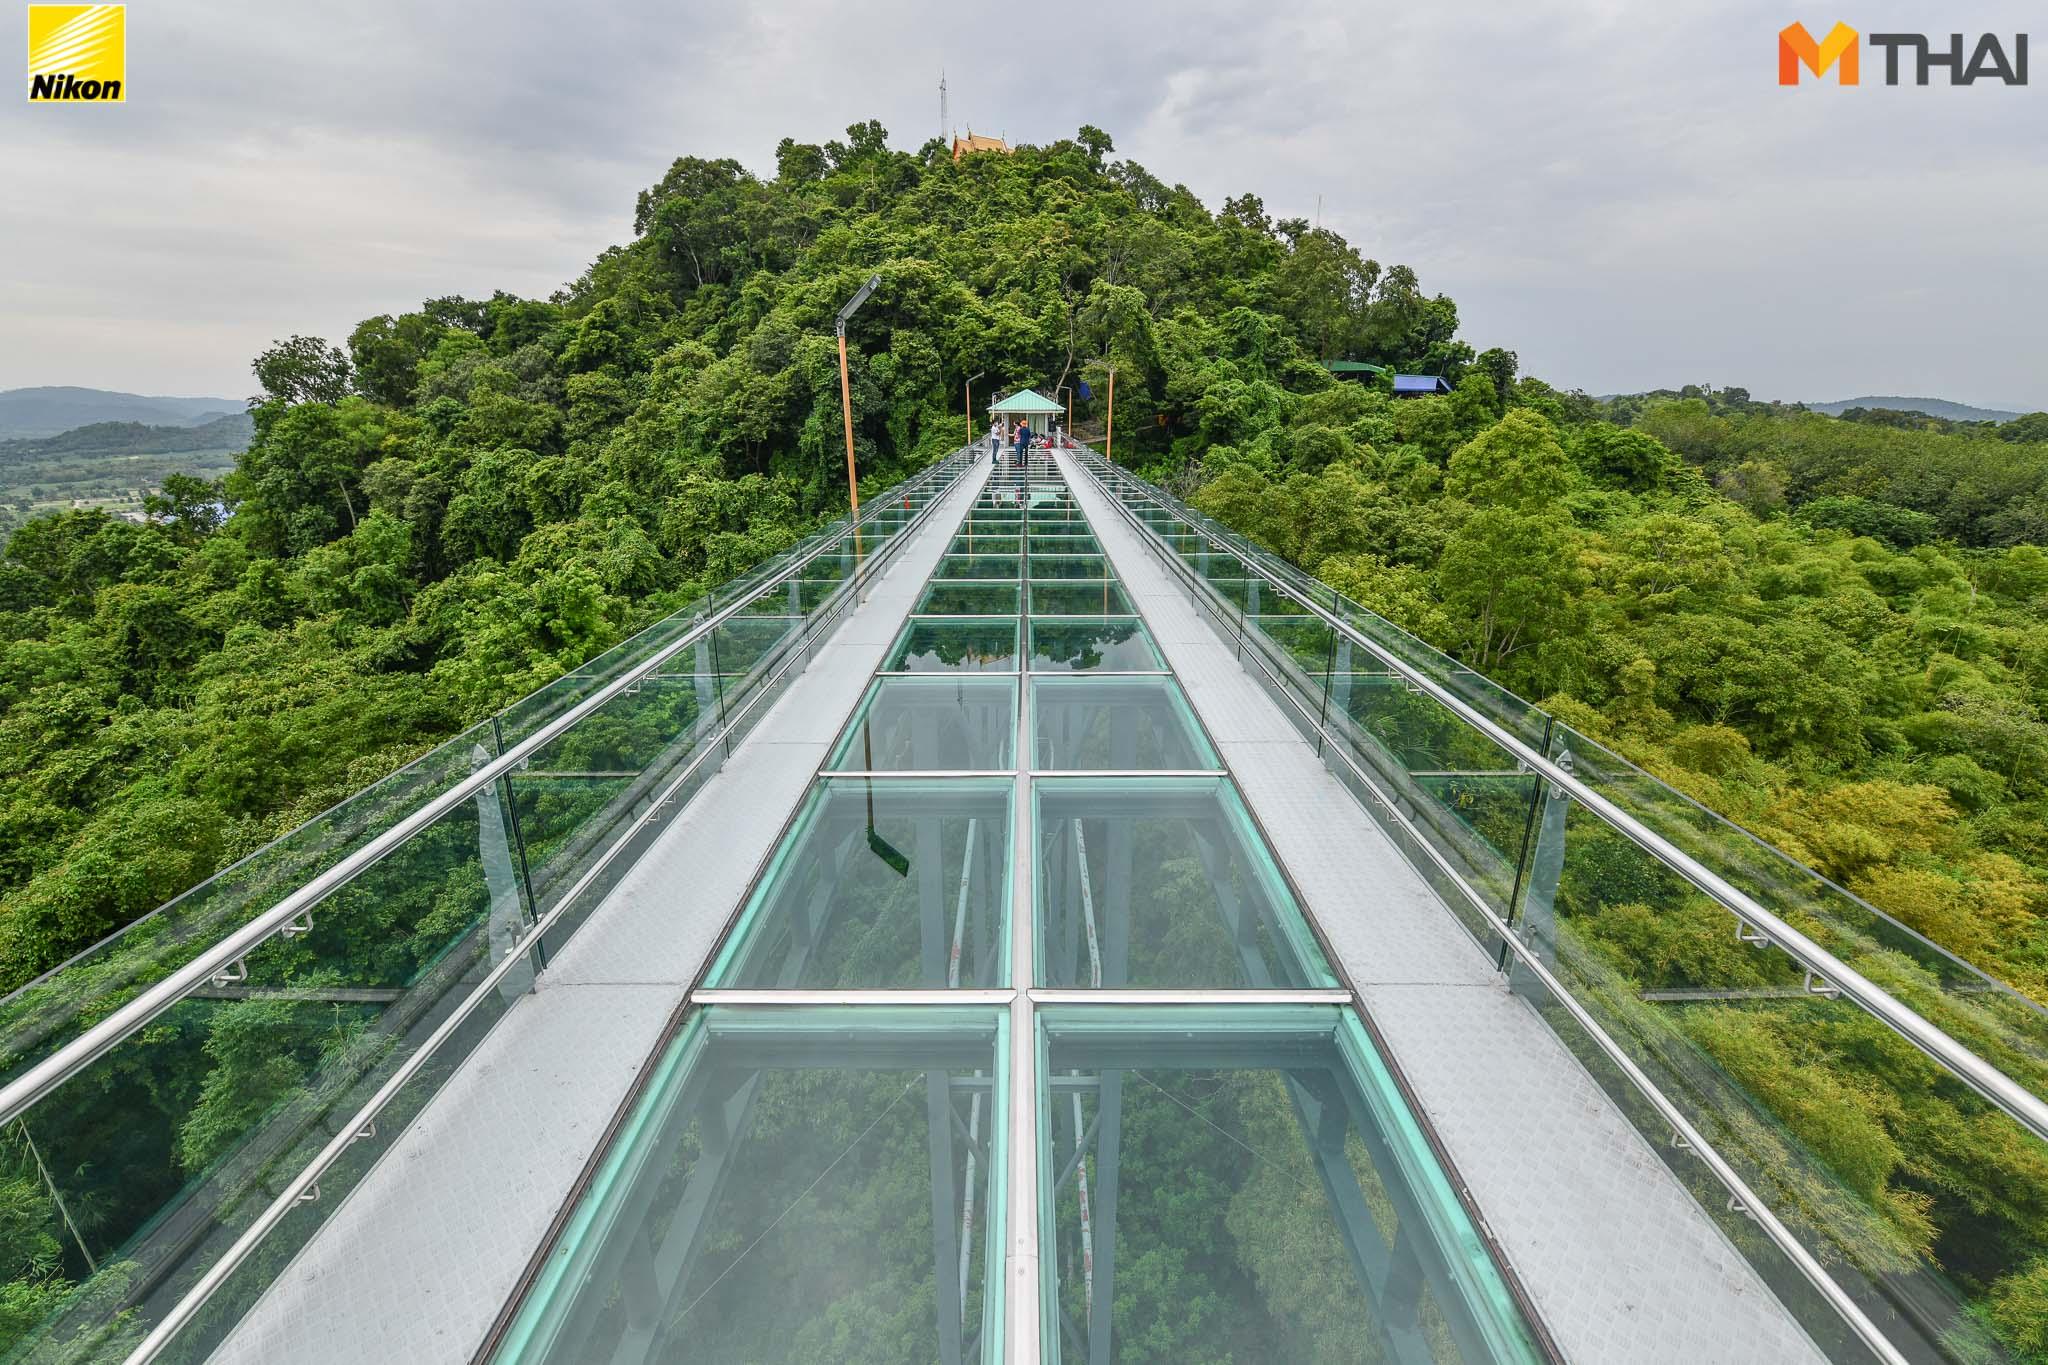 จุดเช็คอิน ชลบุรี วัดเขาตะแบก สกายวอร์ค สะพานกระจก